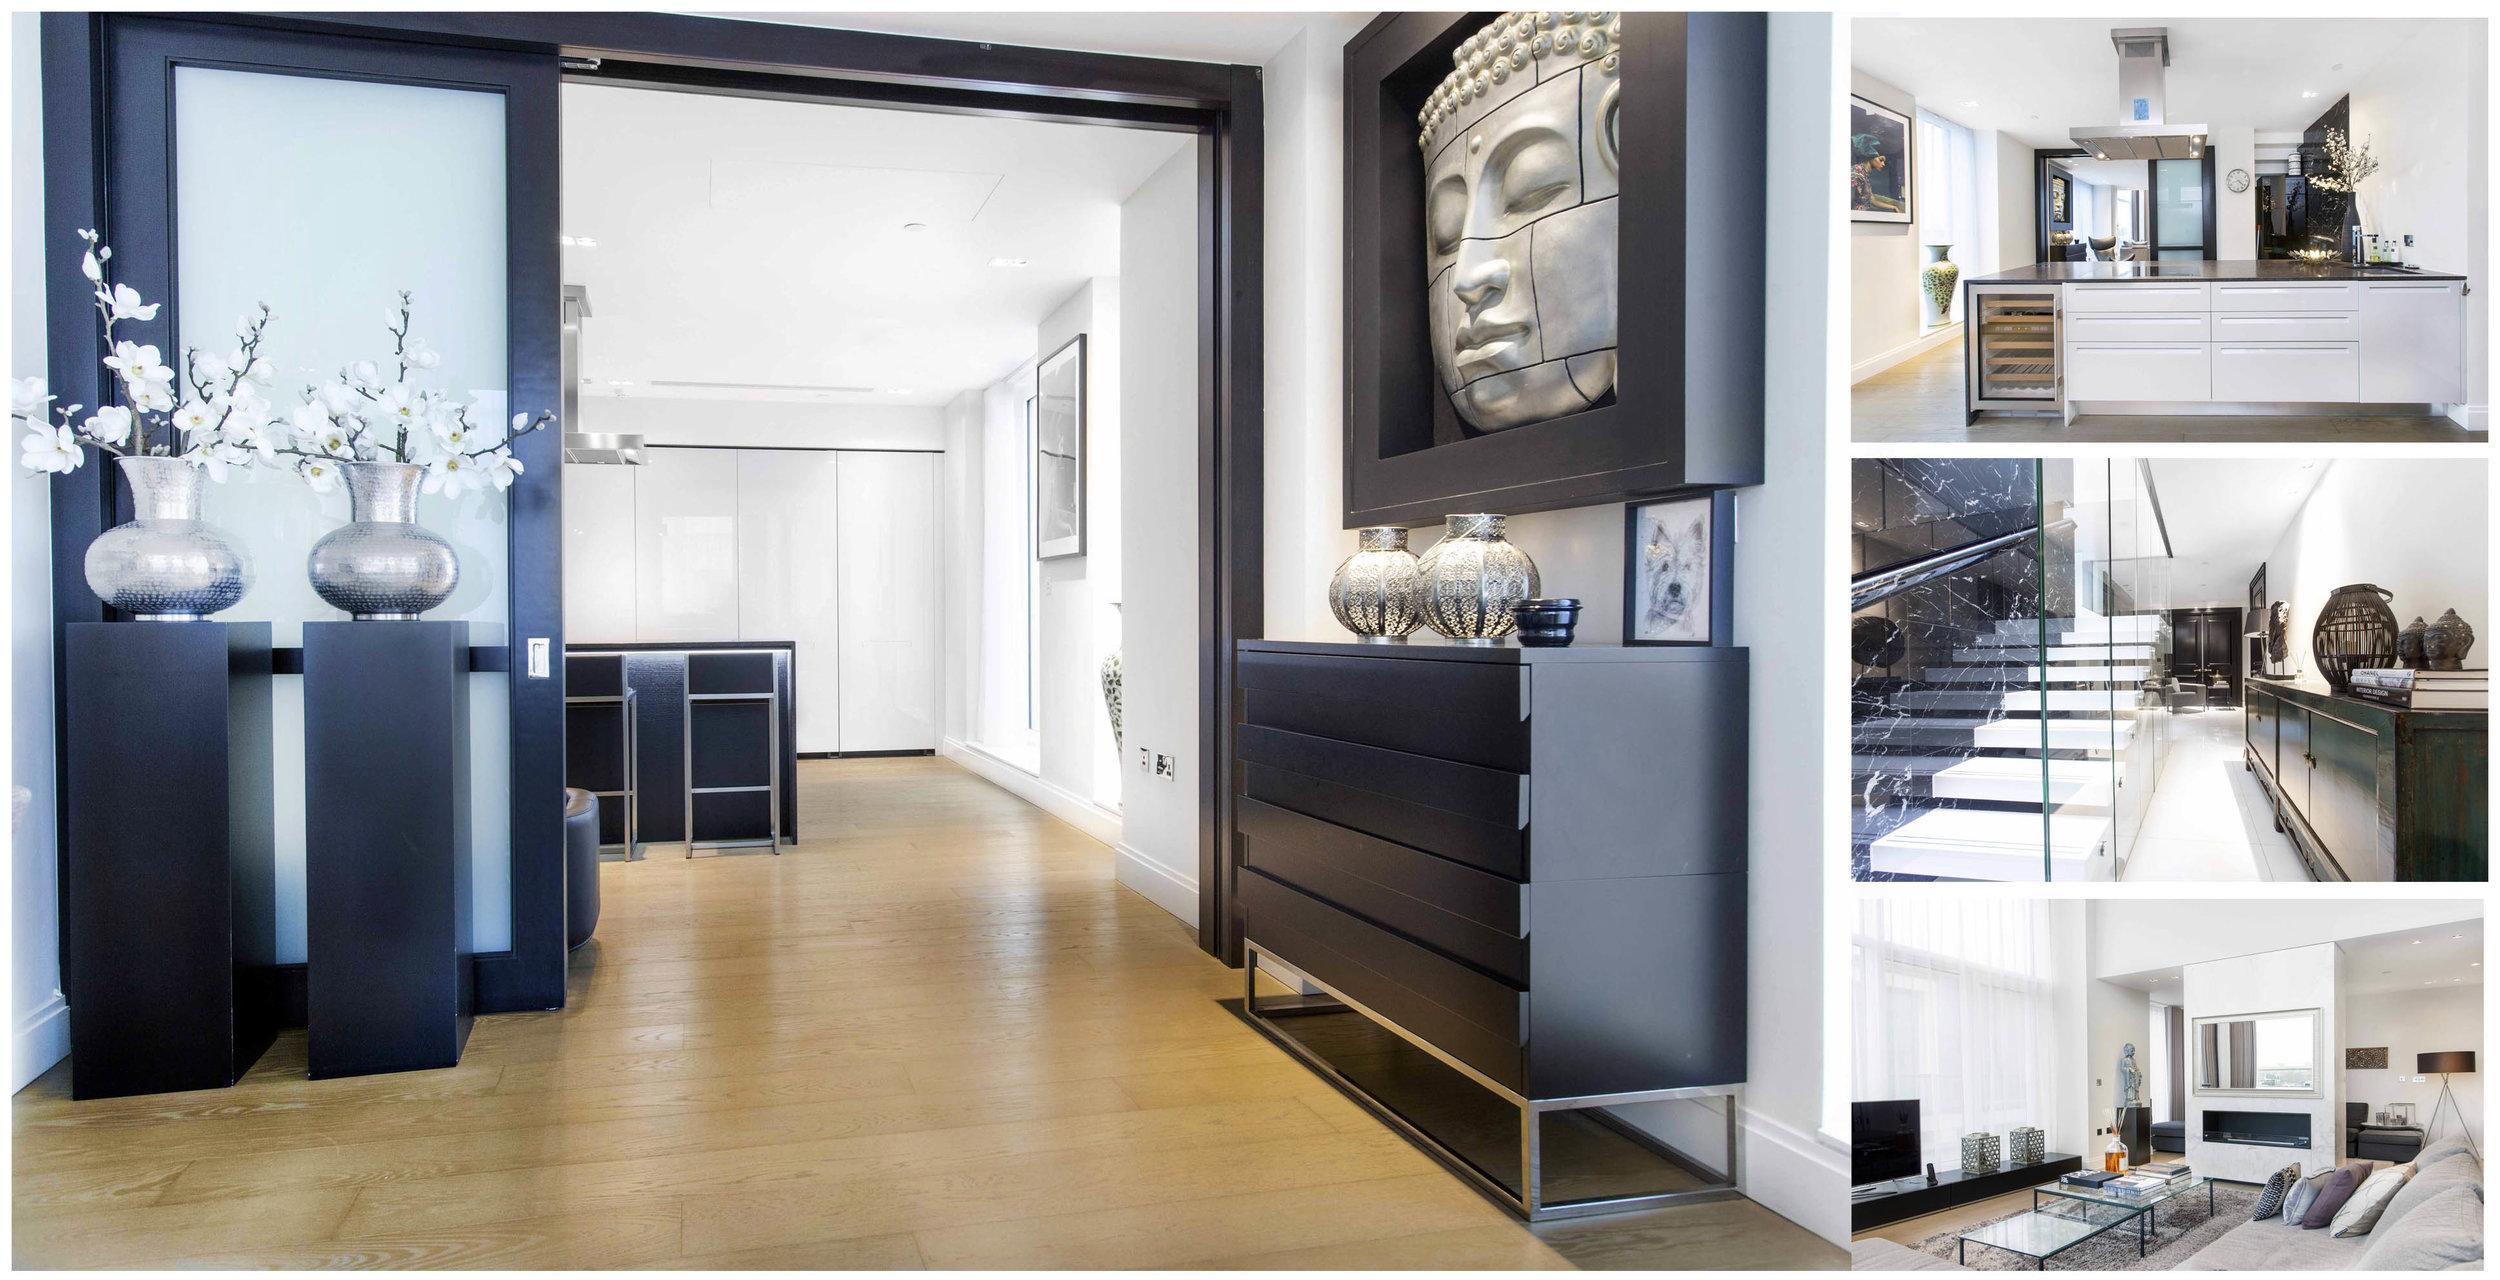 95 new development london www.fotokolo.com.jpg